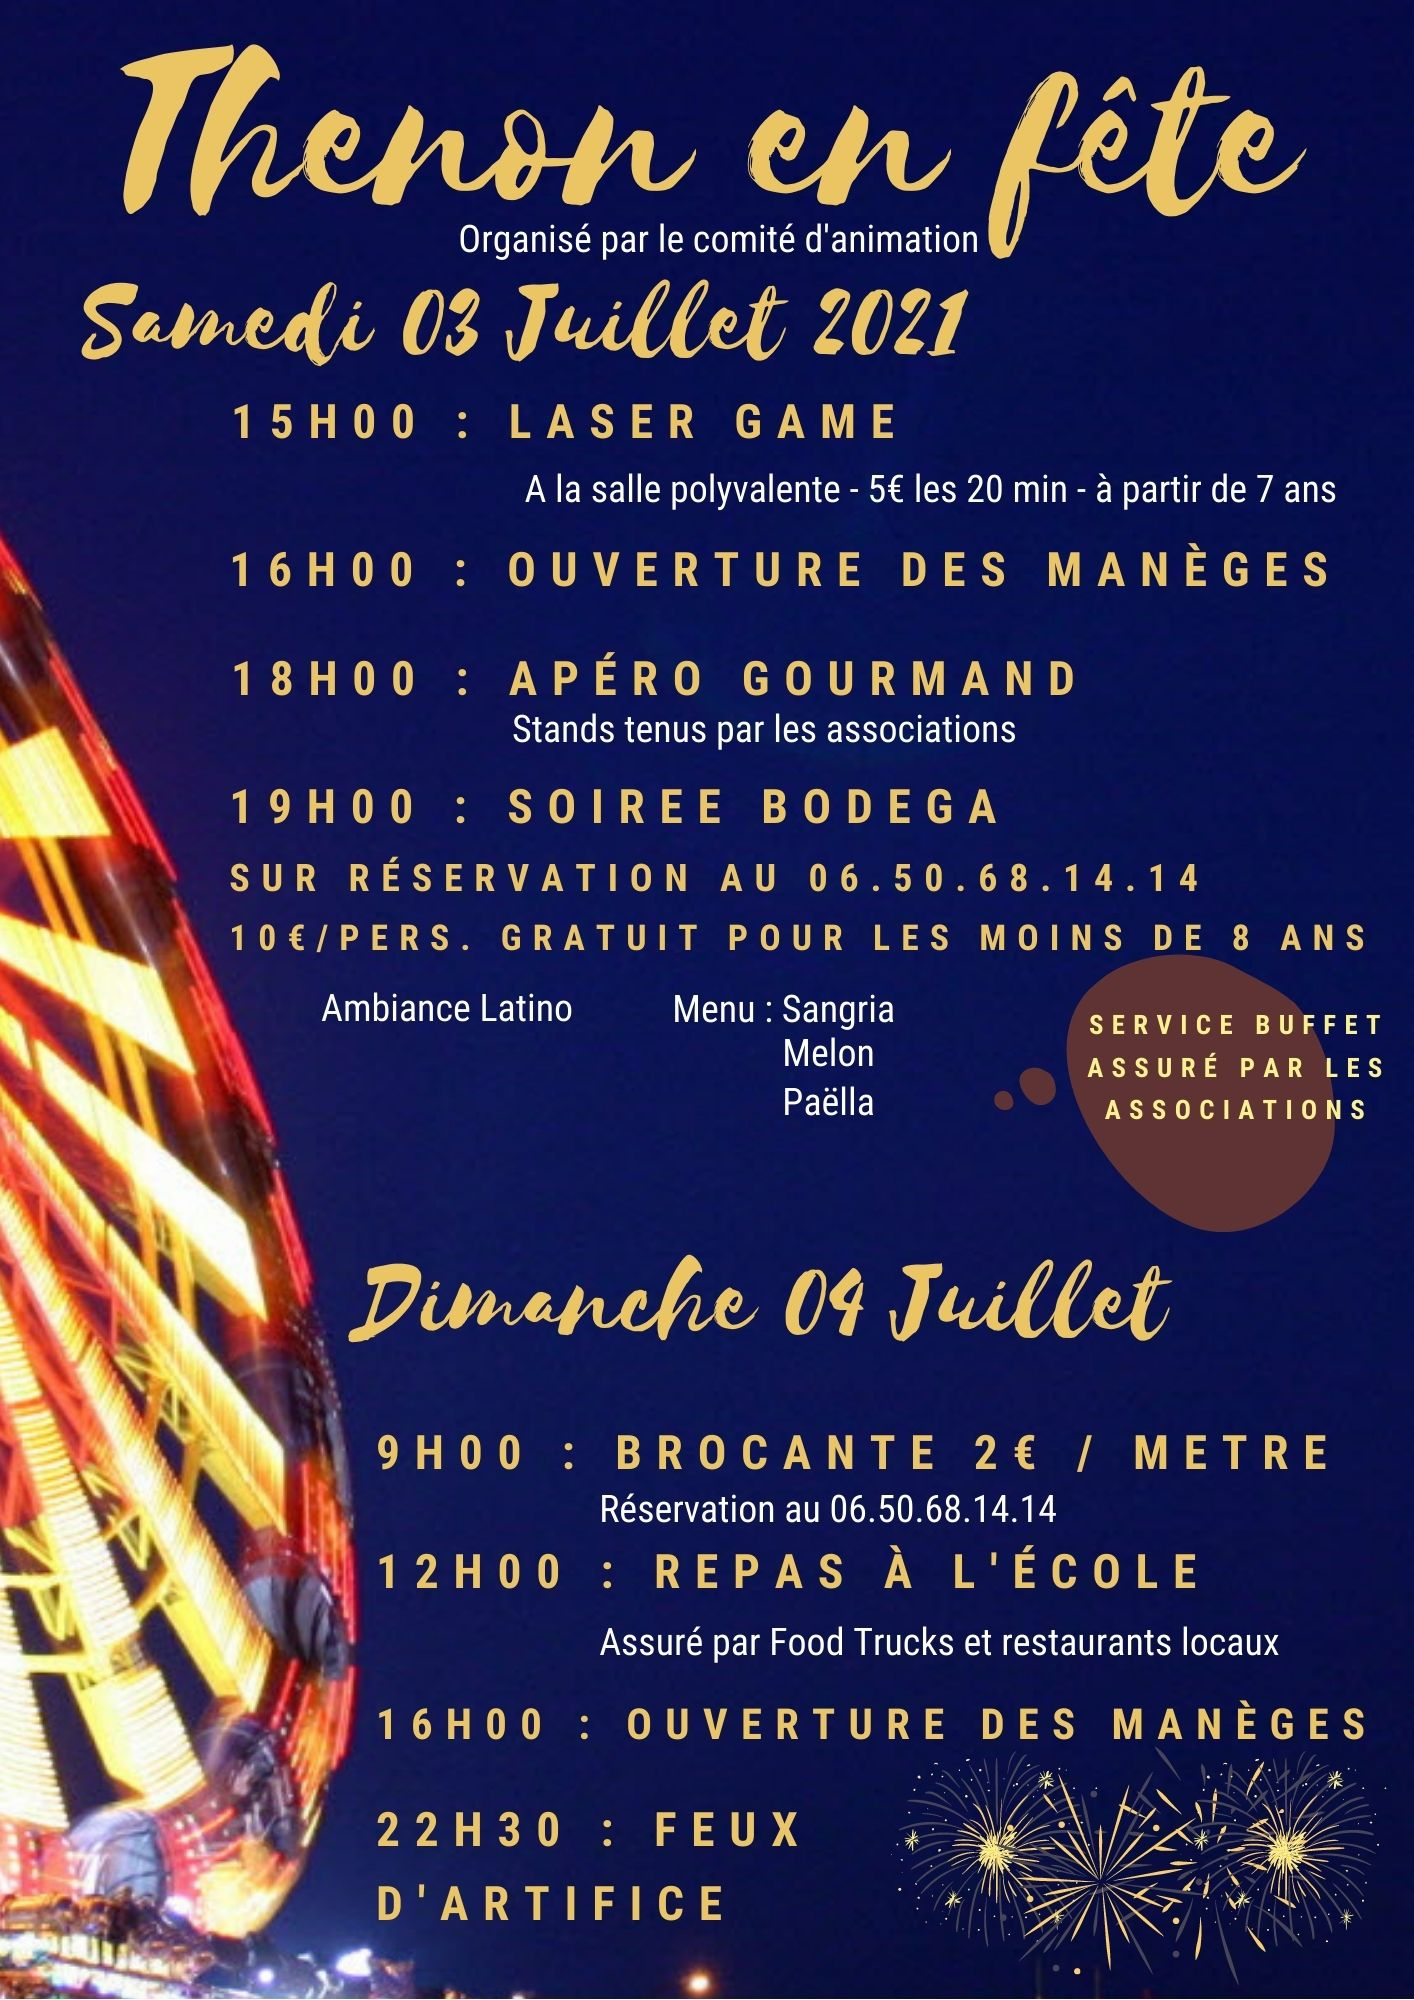 Programme_34_Juillet_20211002.jpg